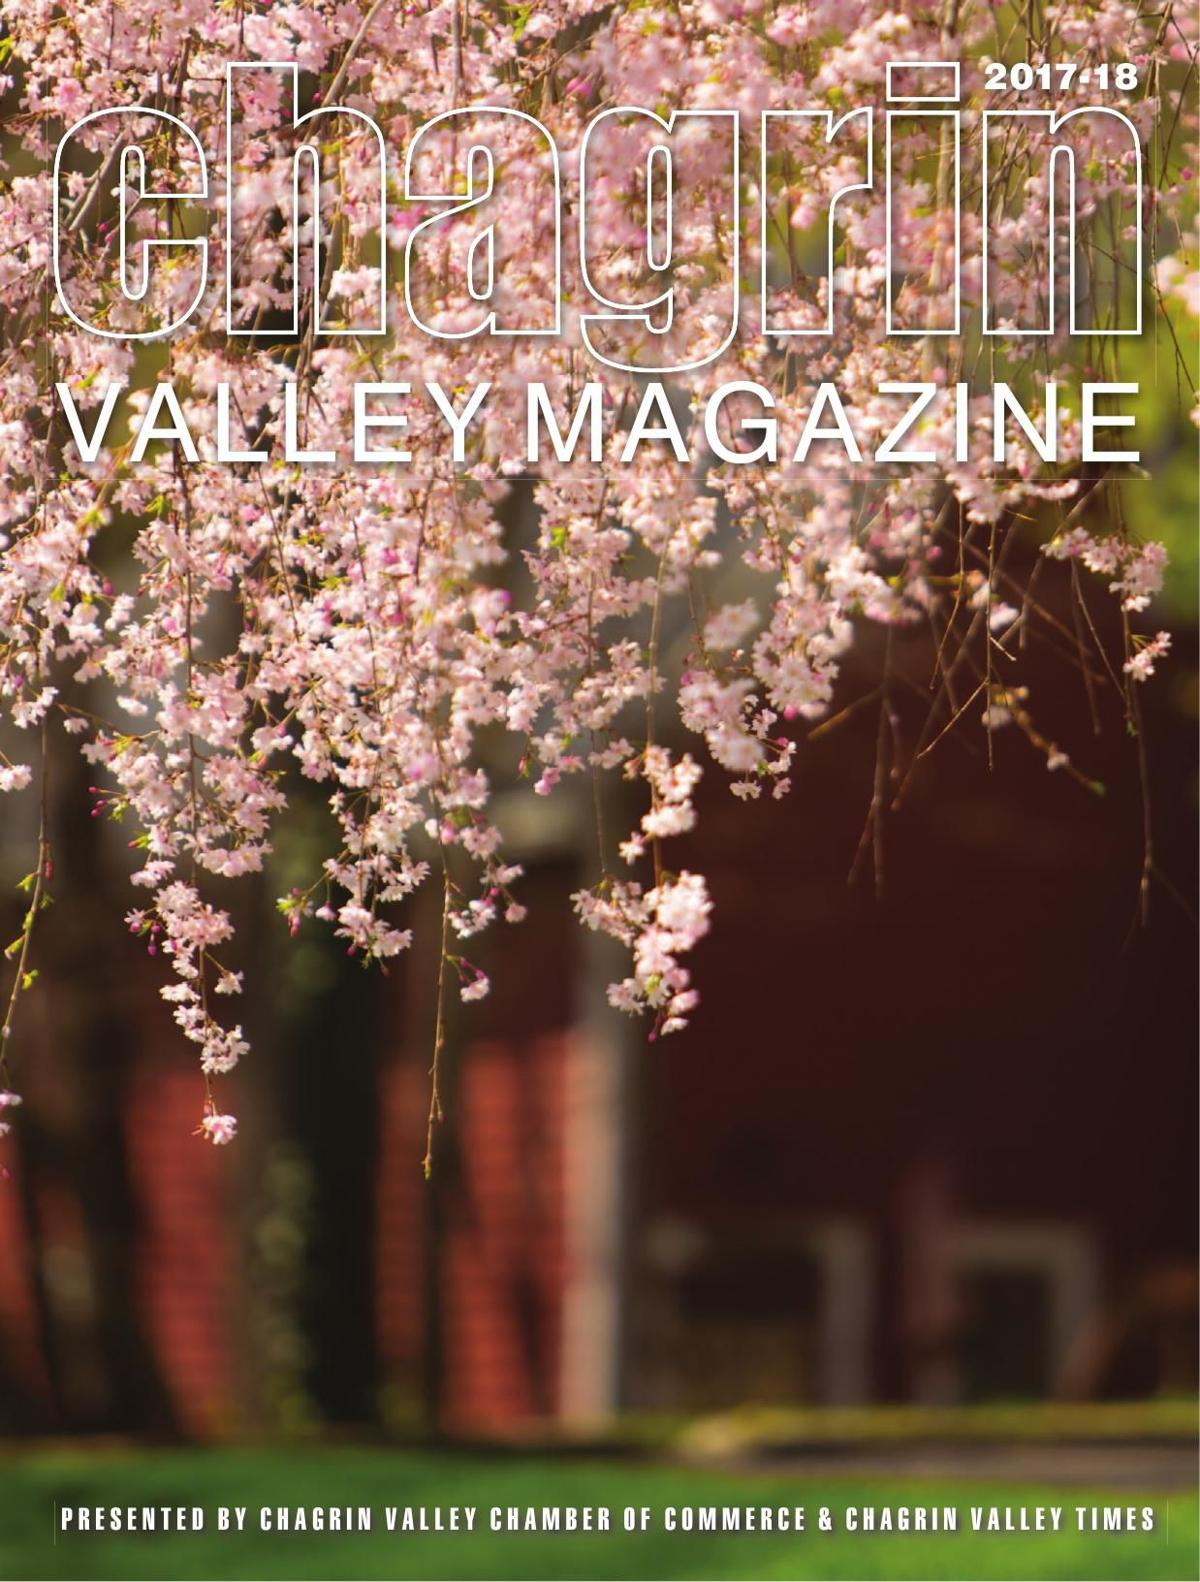 Chagrin Valley Magazine 2017-18